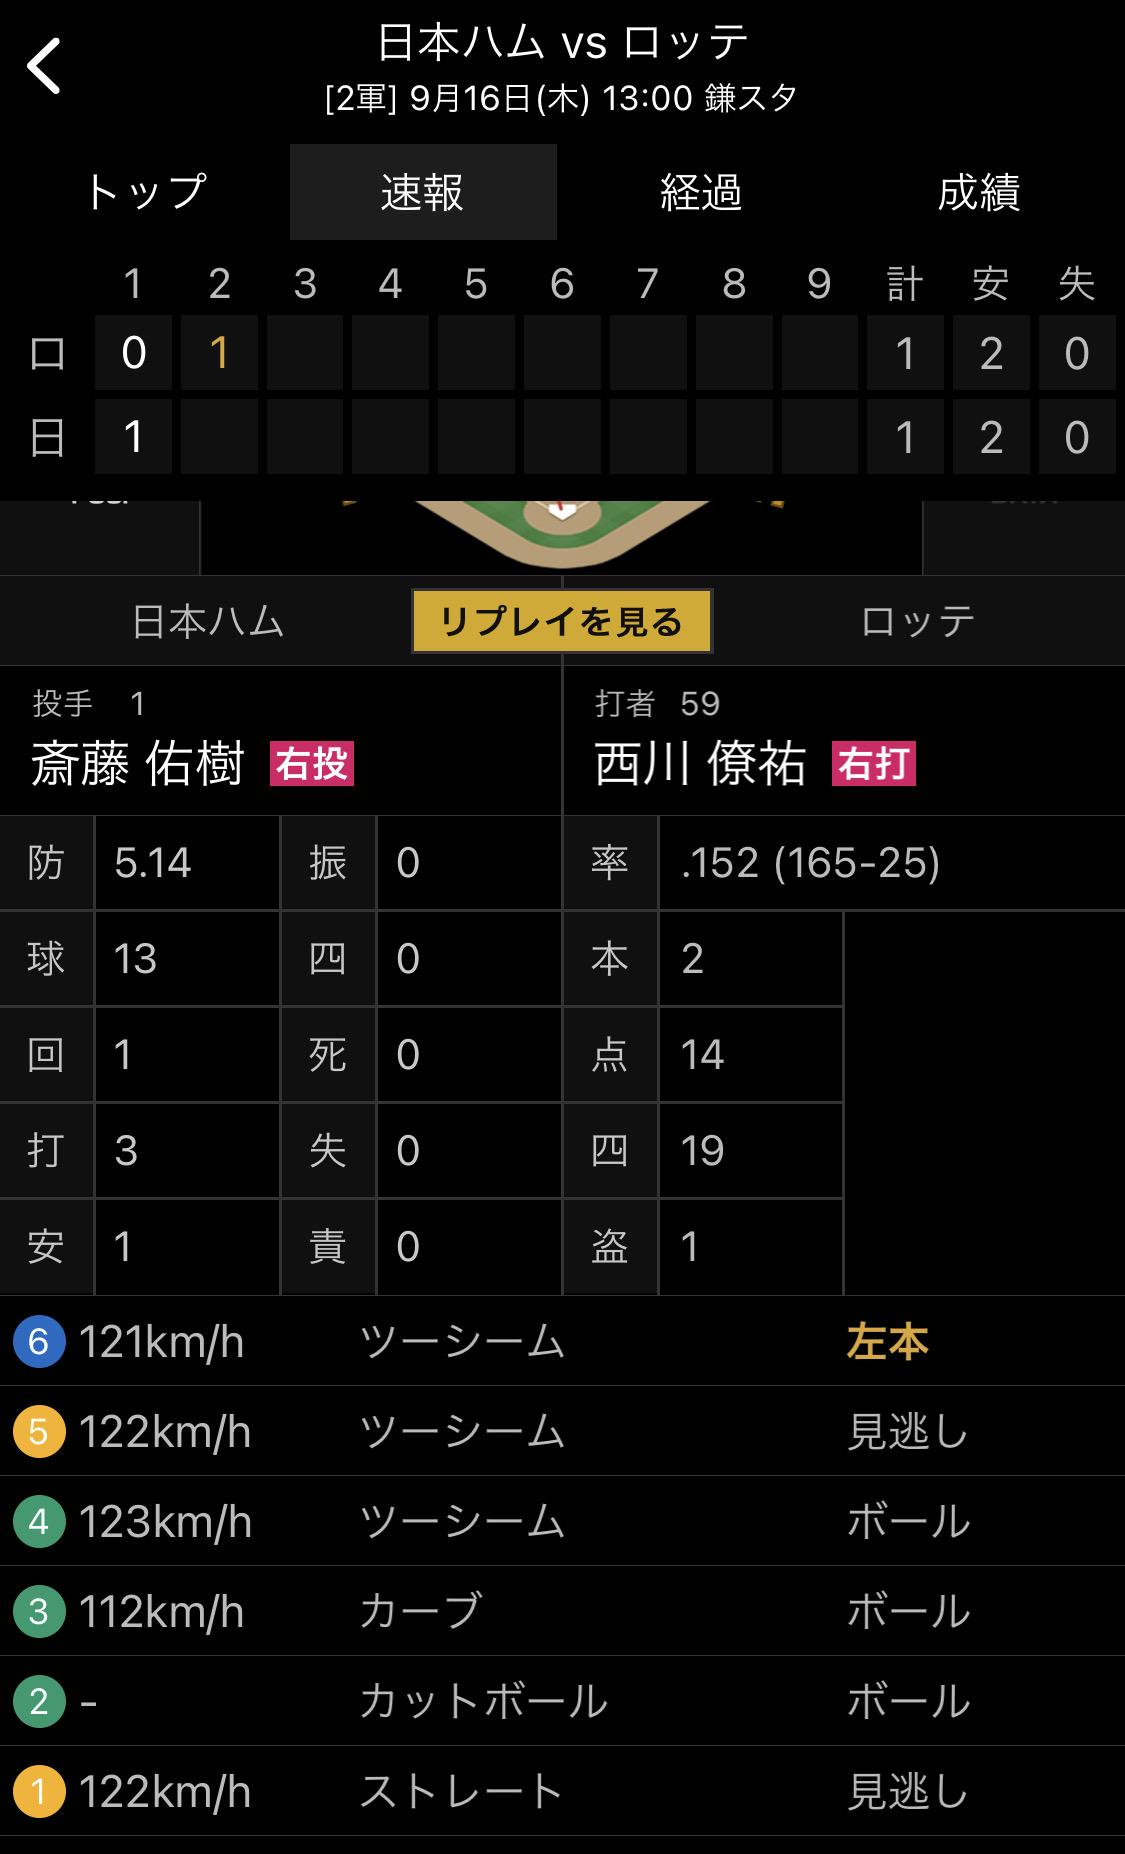 【悲報】 斎藤佑樹、ストレート122km